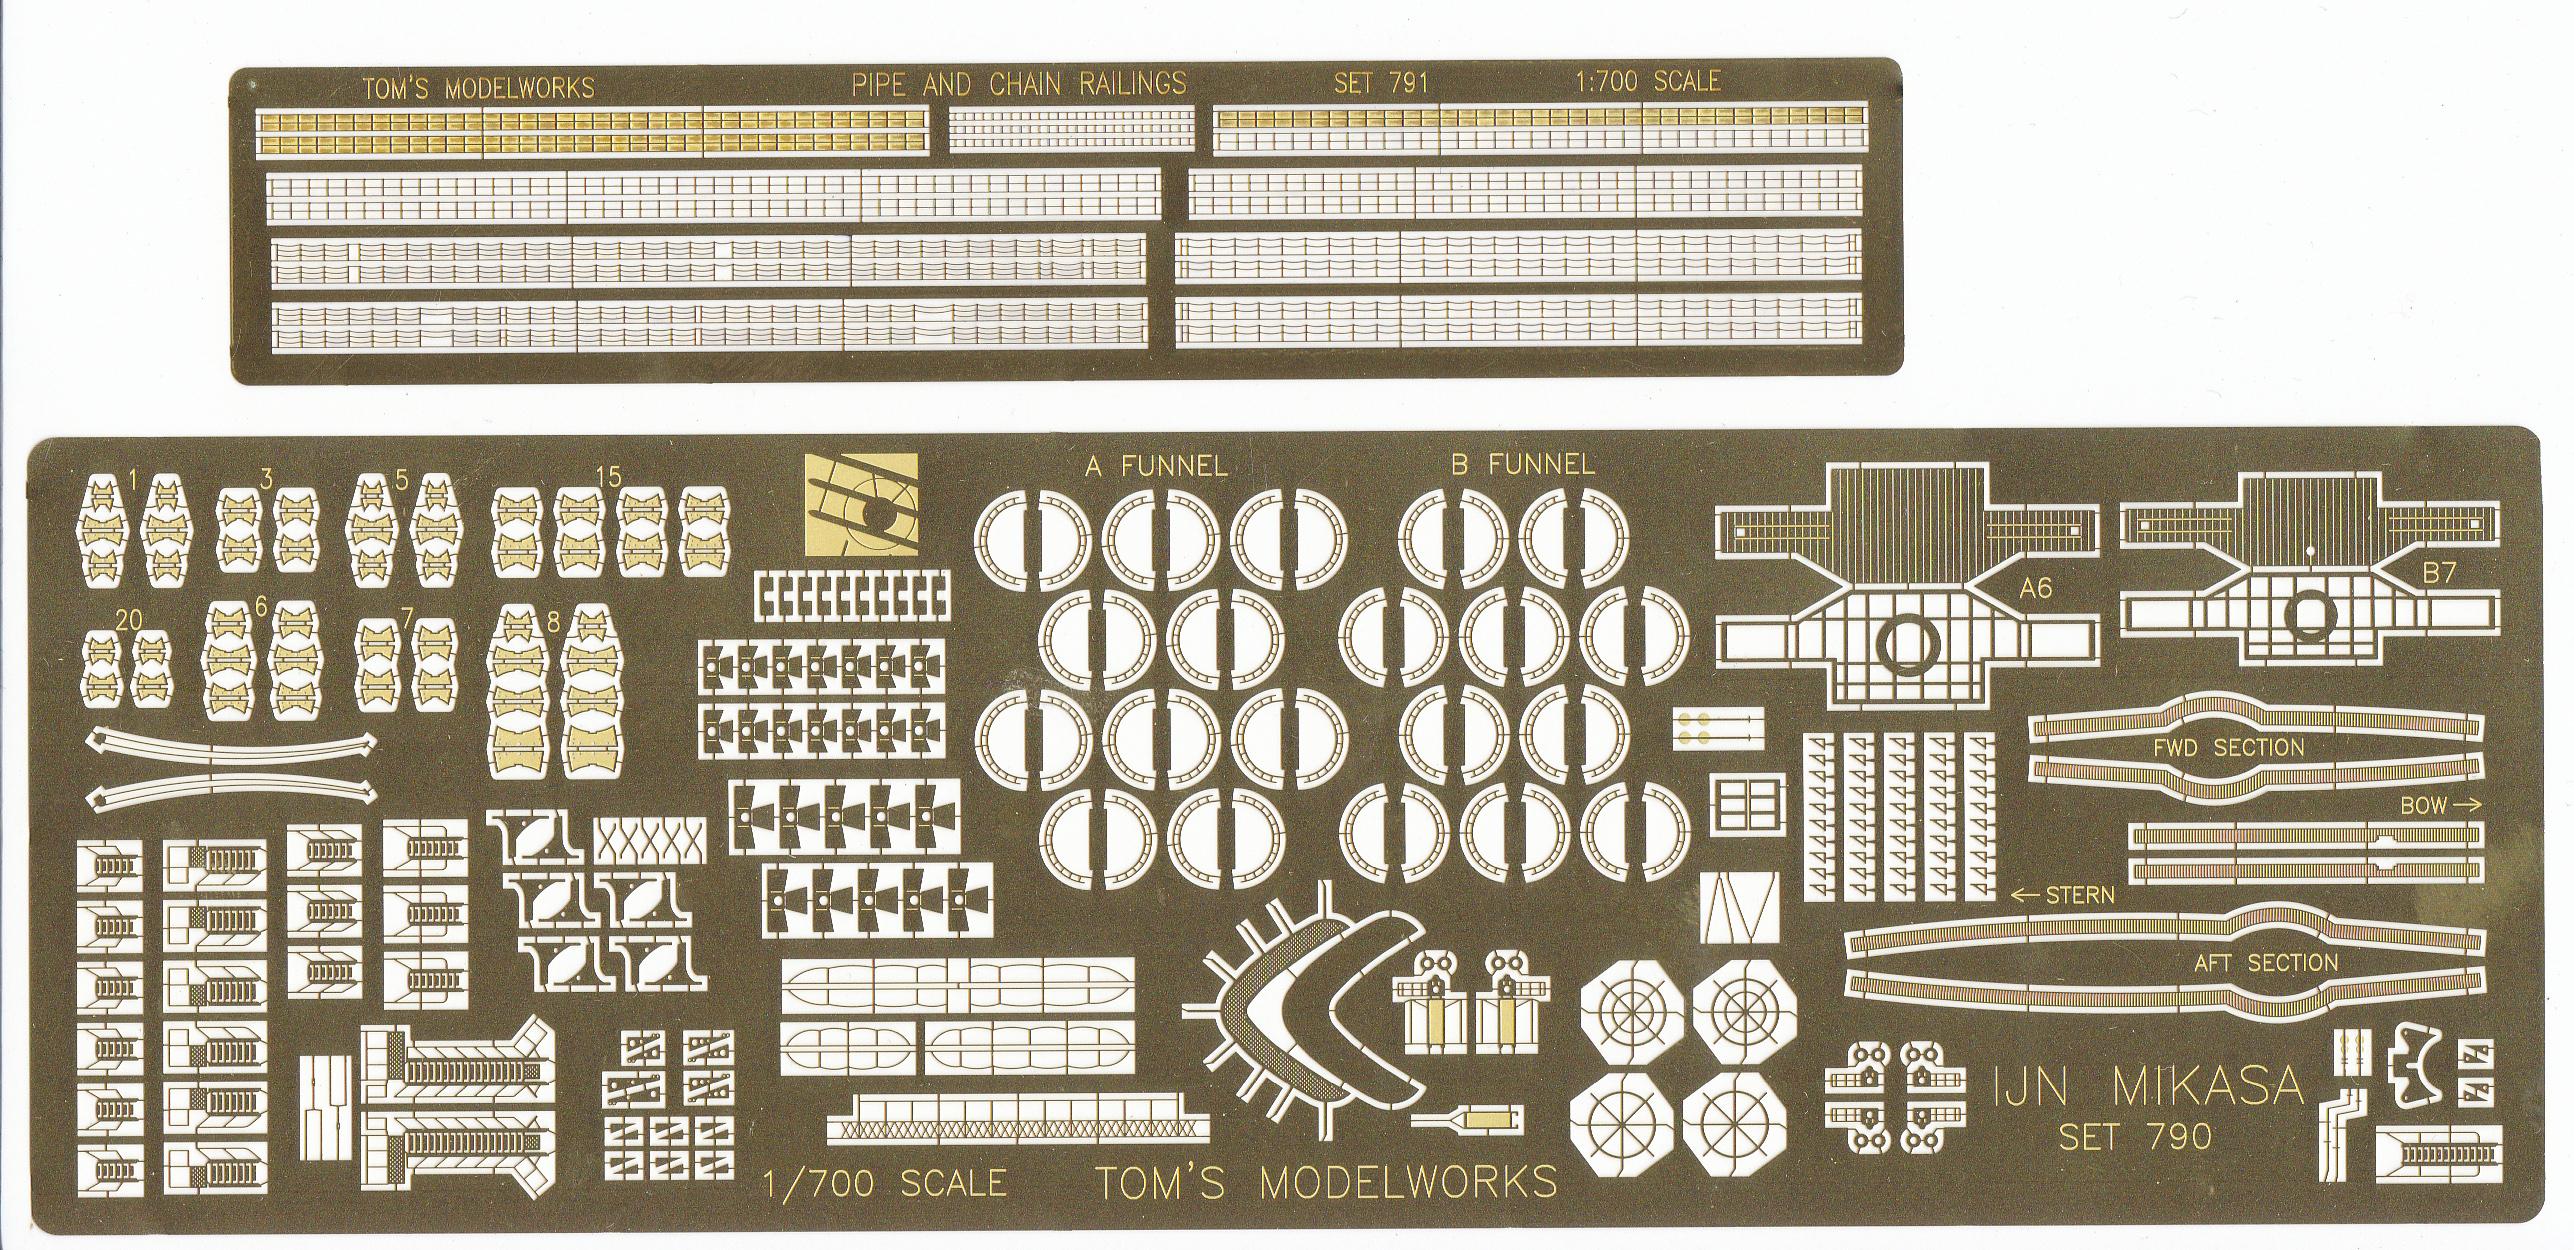 Seta tokioban 790 -  790 Mikasa